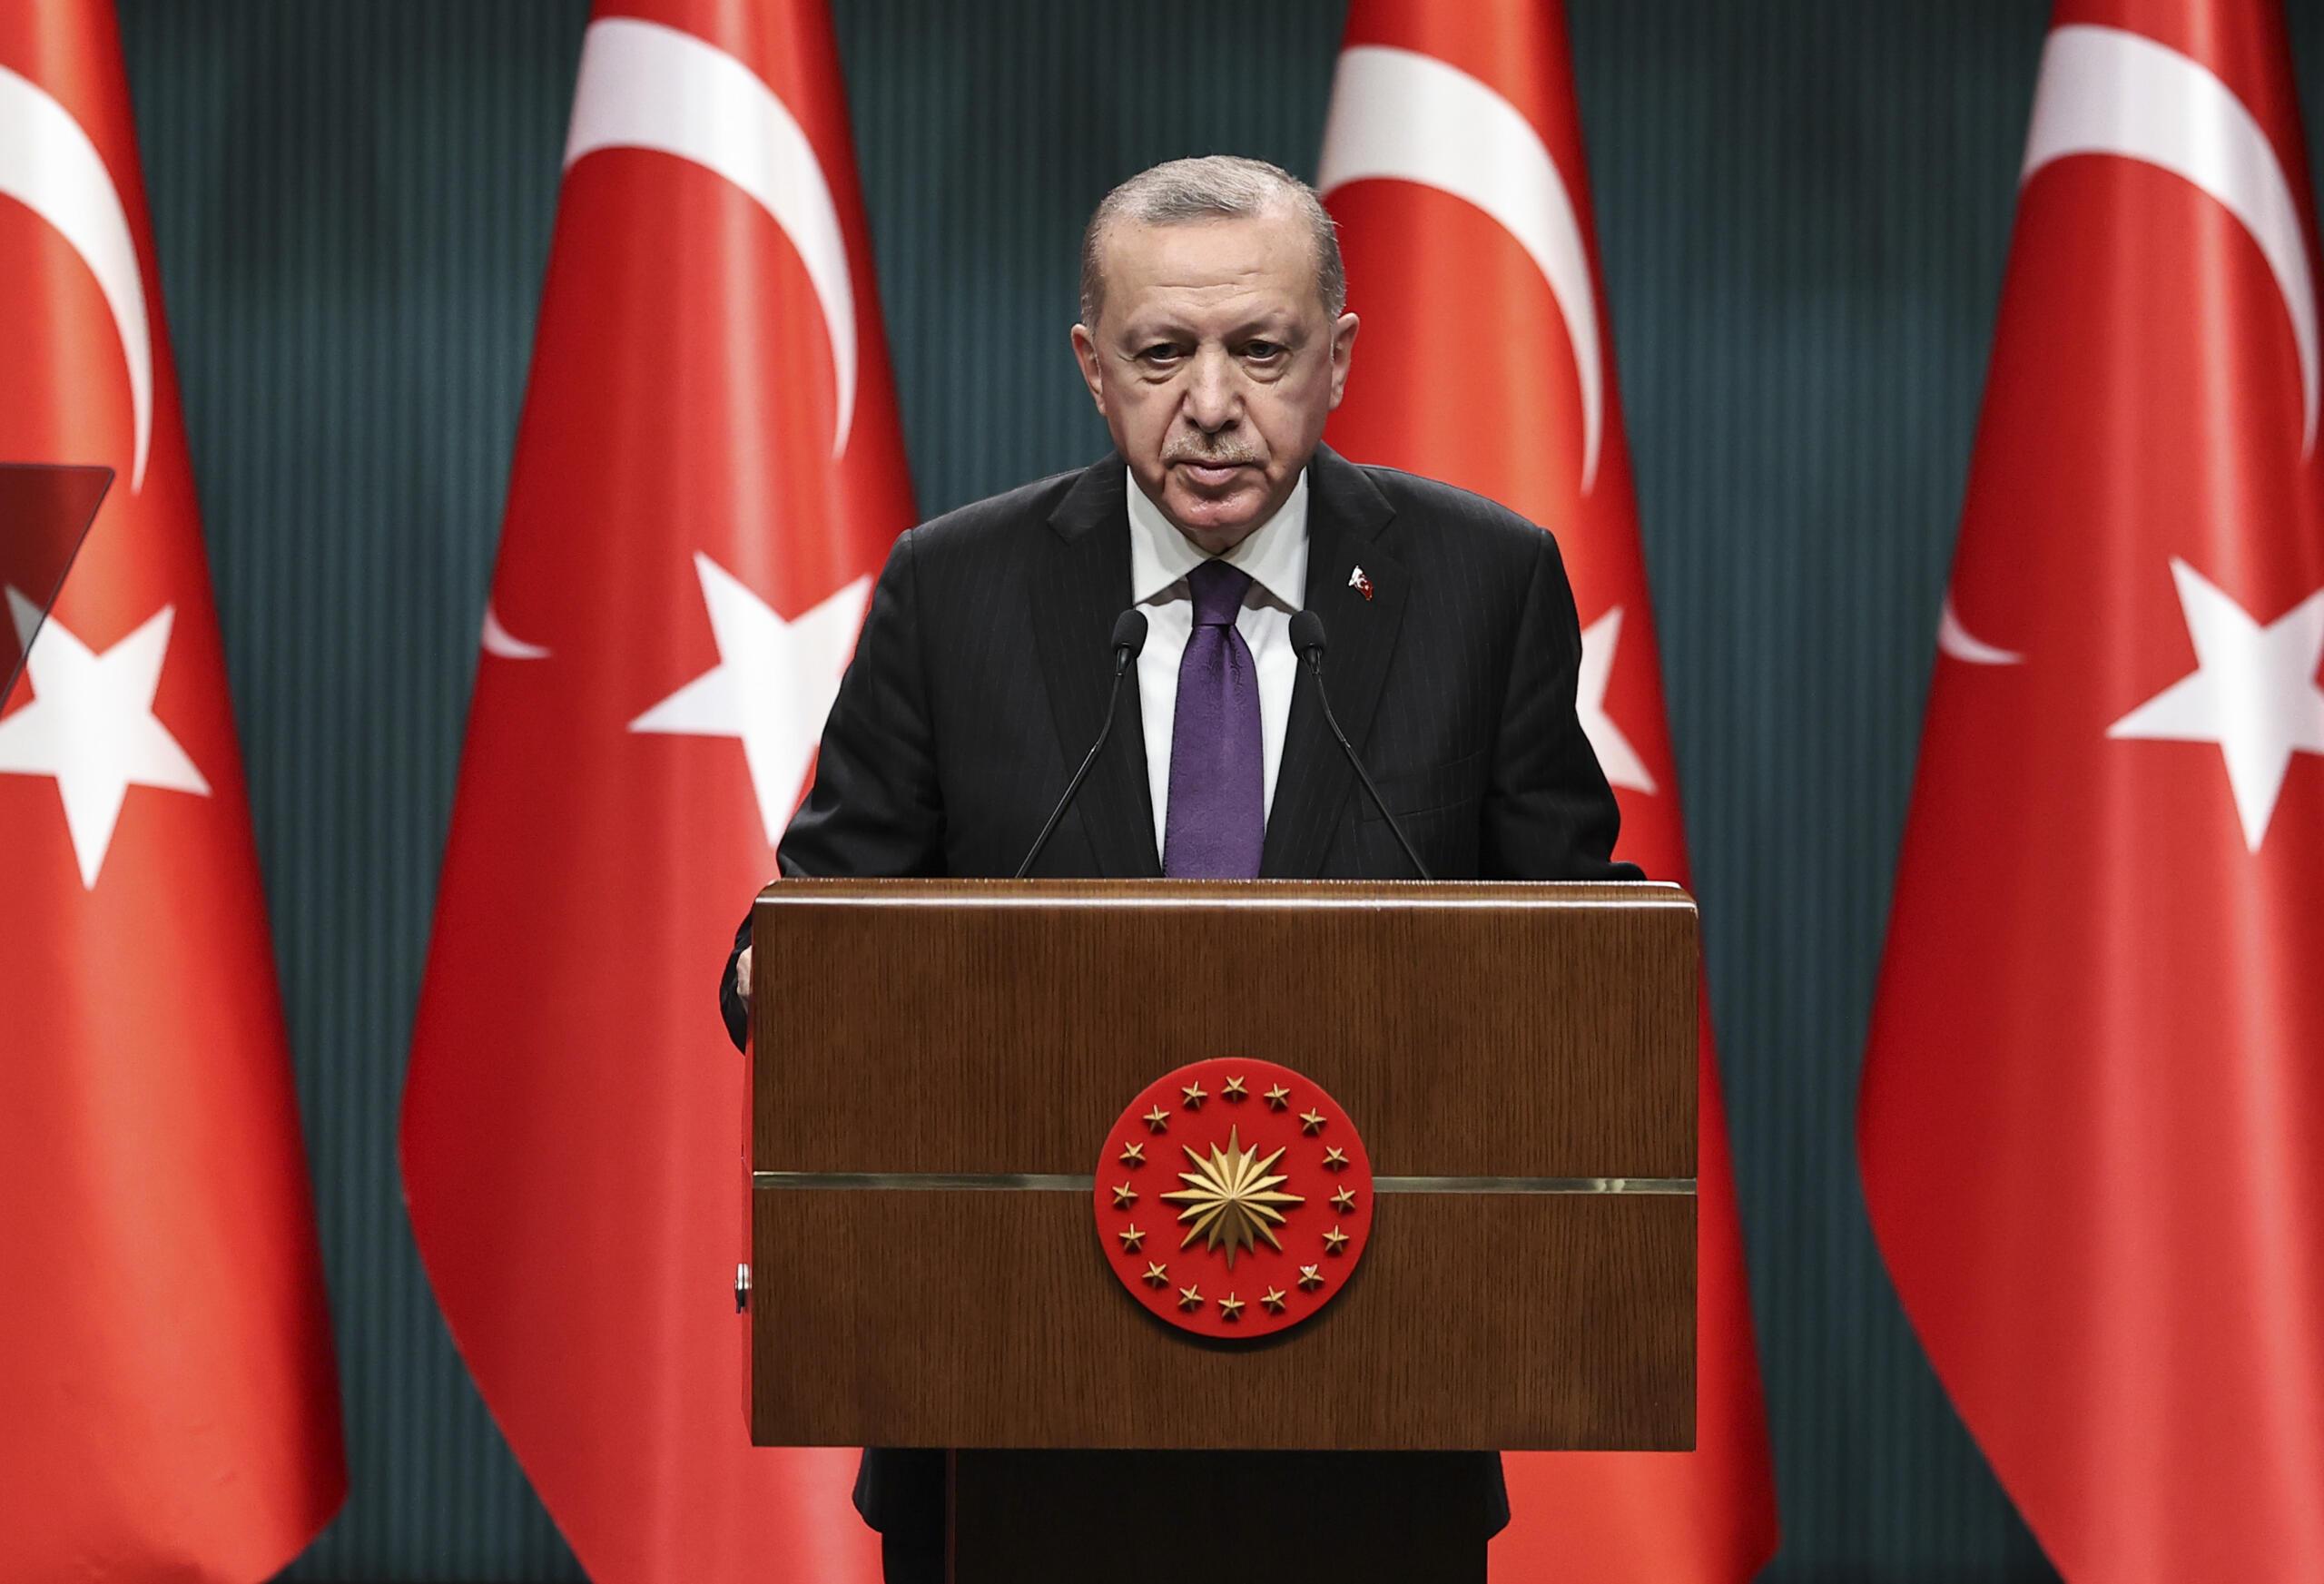 Cumhurbaşkanı: 'Türkiye'nin tekrar yeni bir Anayasayı tartışmasının vakti gelmiştir'